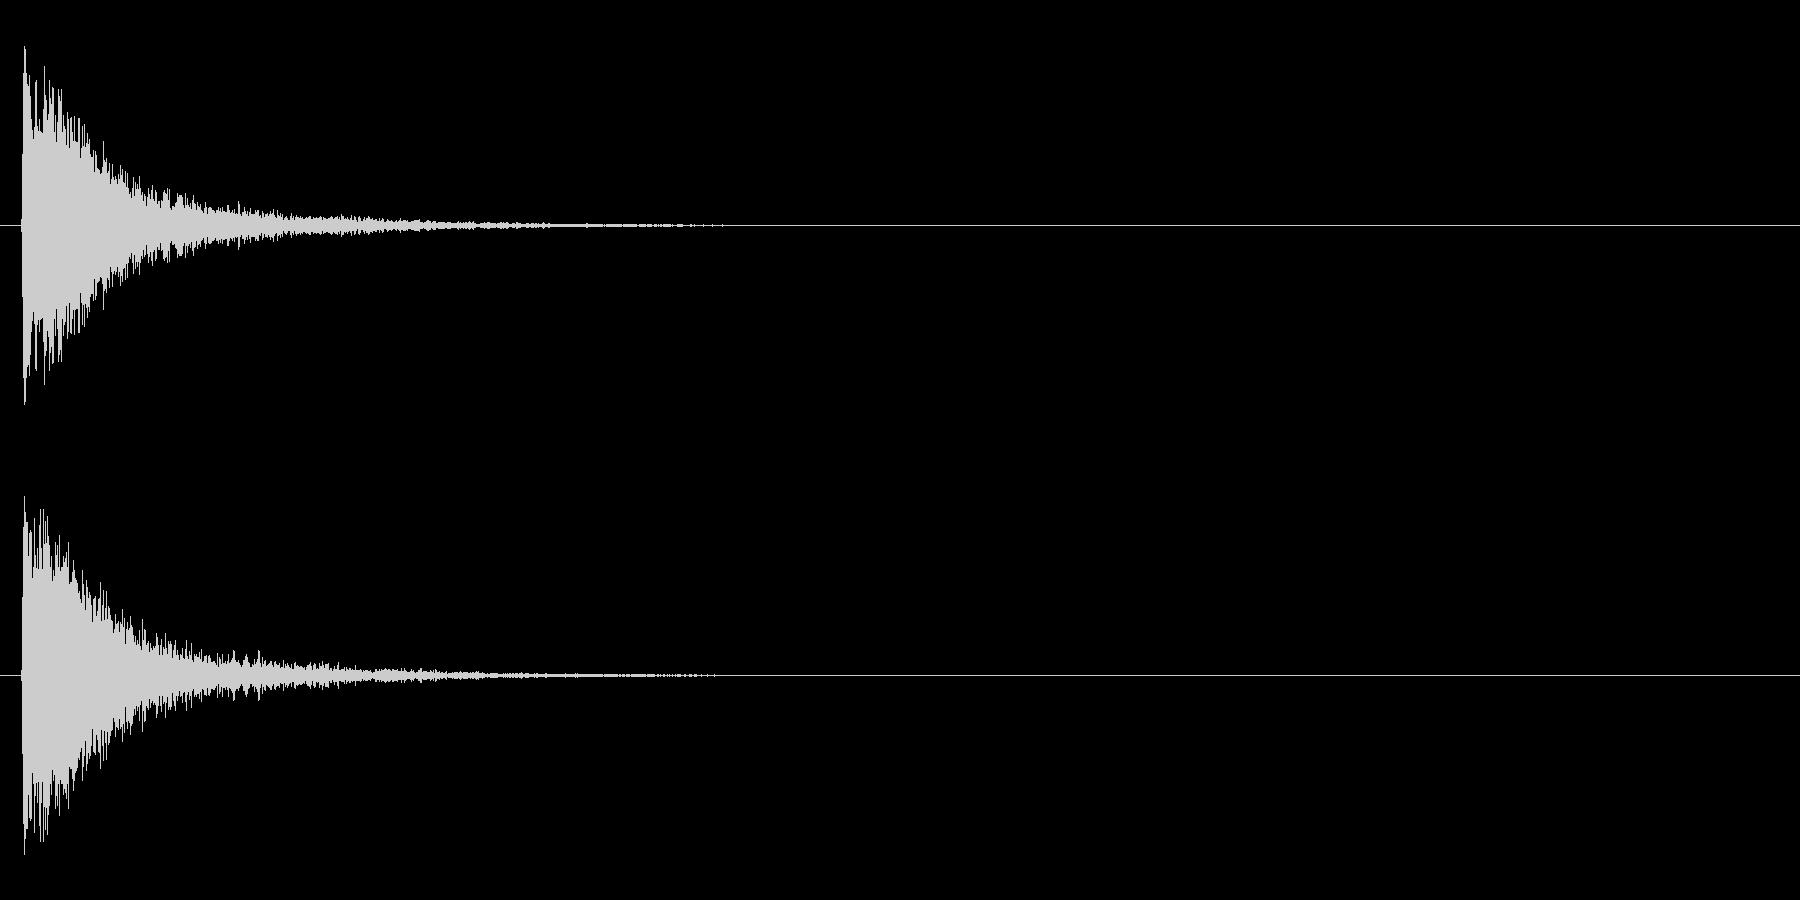 レーザー音-144-1の未再生の波形